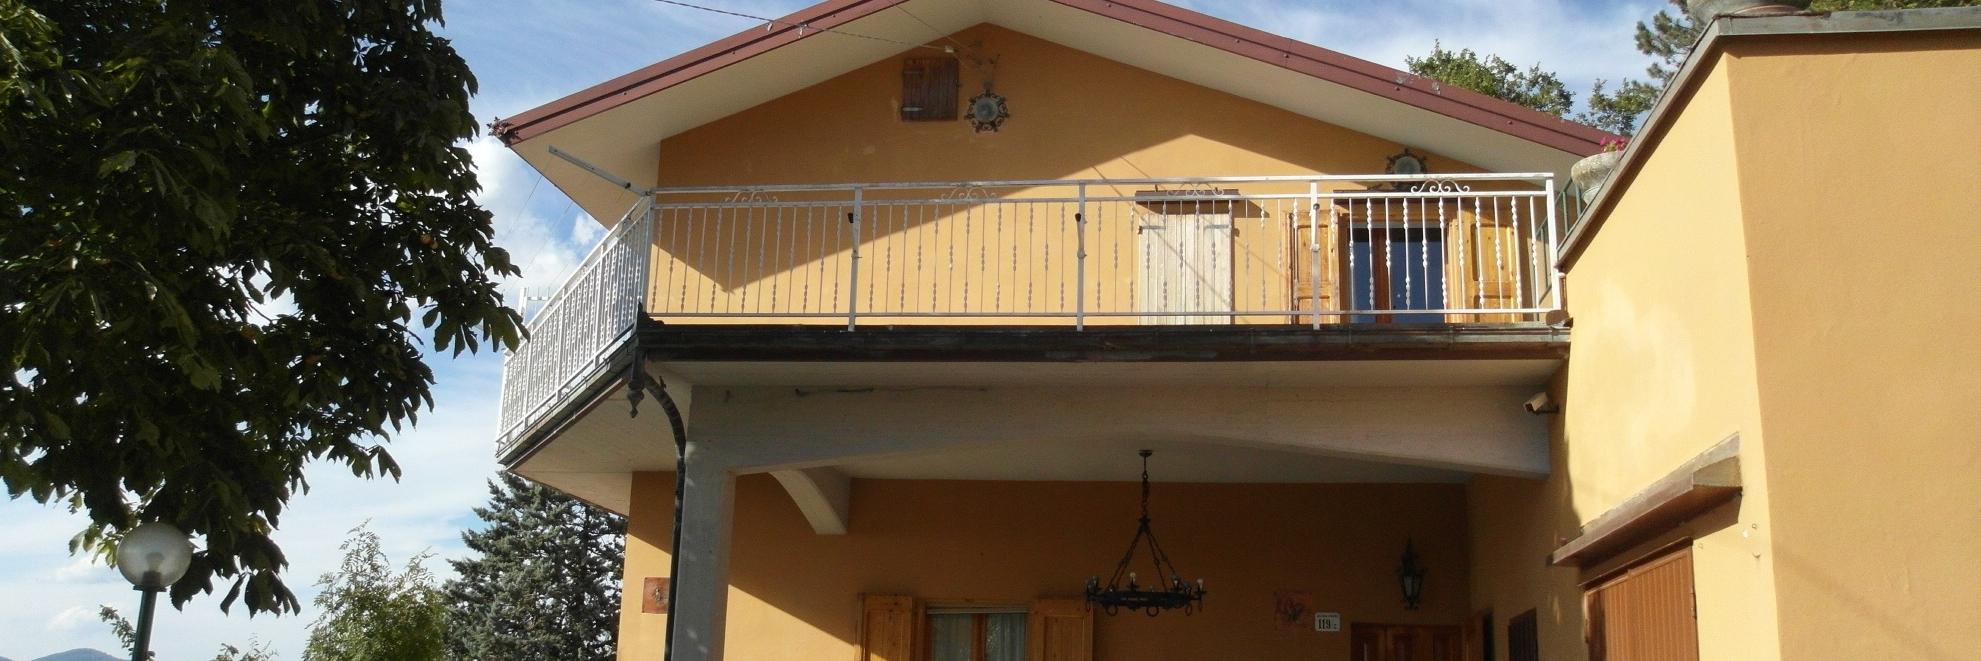 Grizzana Morandi Casa Indipendente